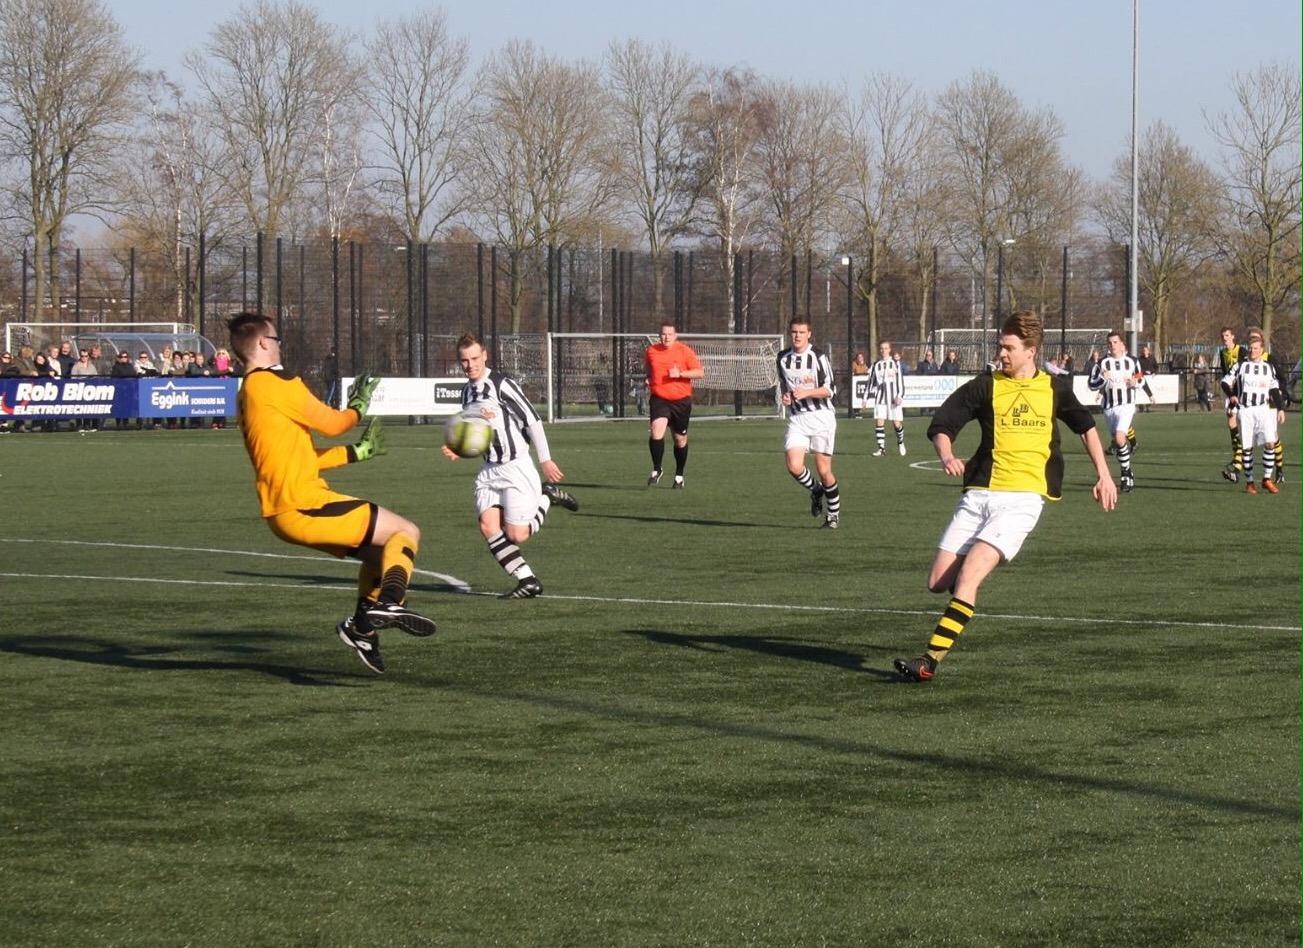 OG - Schoten - Voetbal in Haarlem